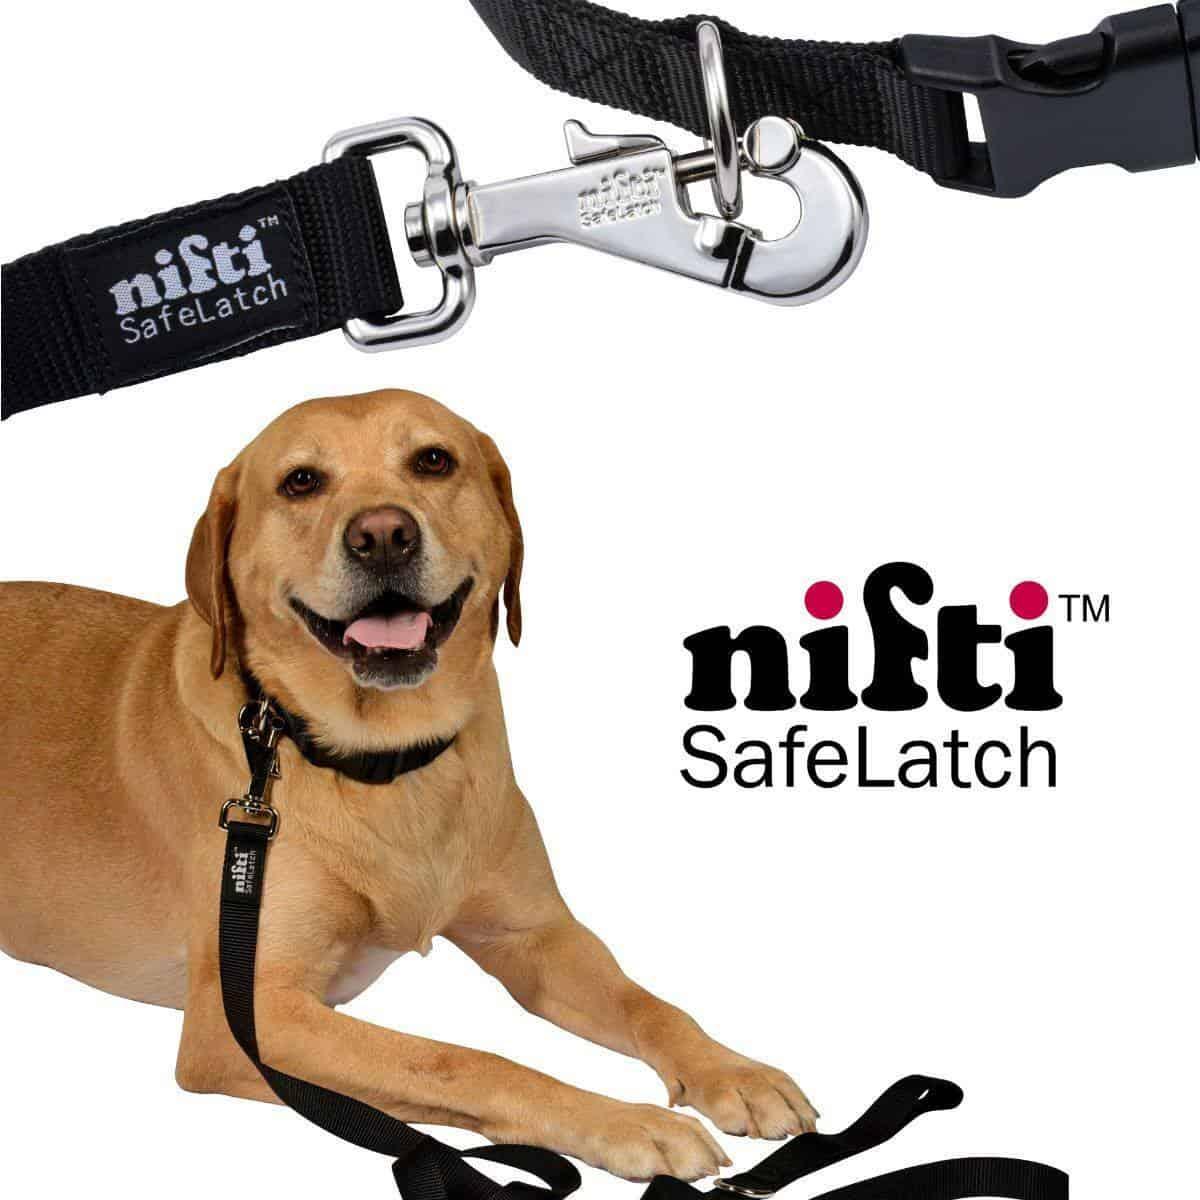 NIFTY SafeLatch Leashes